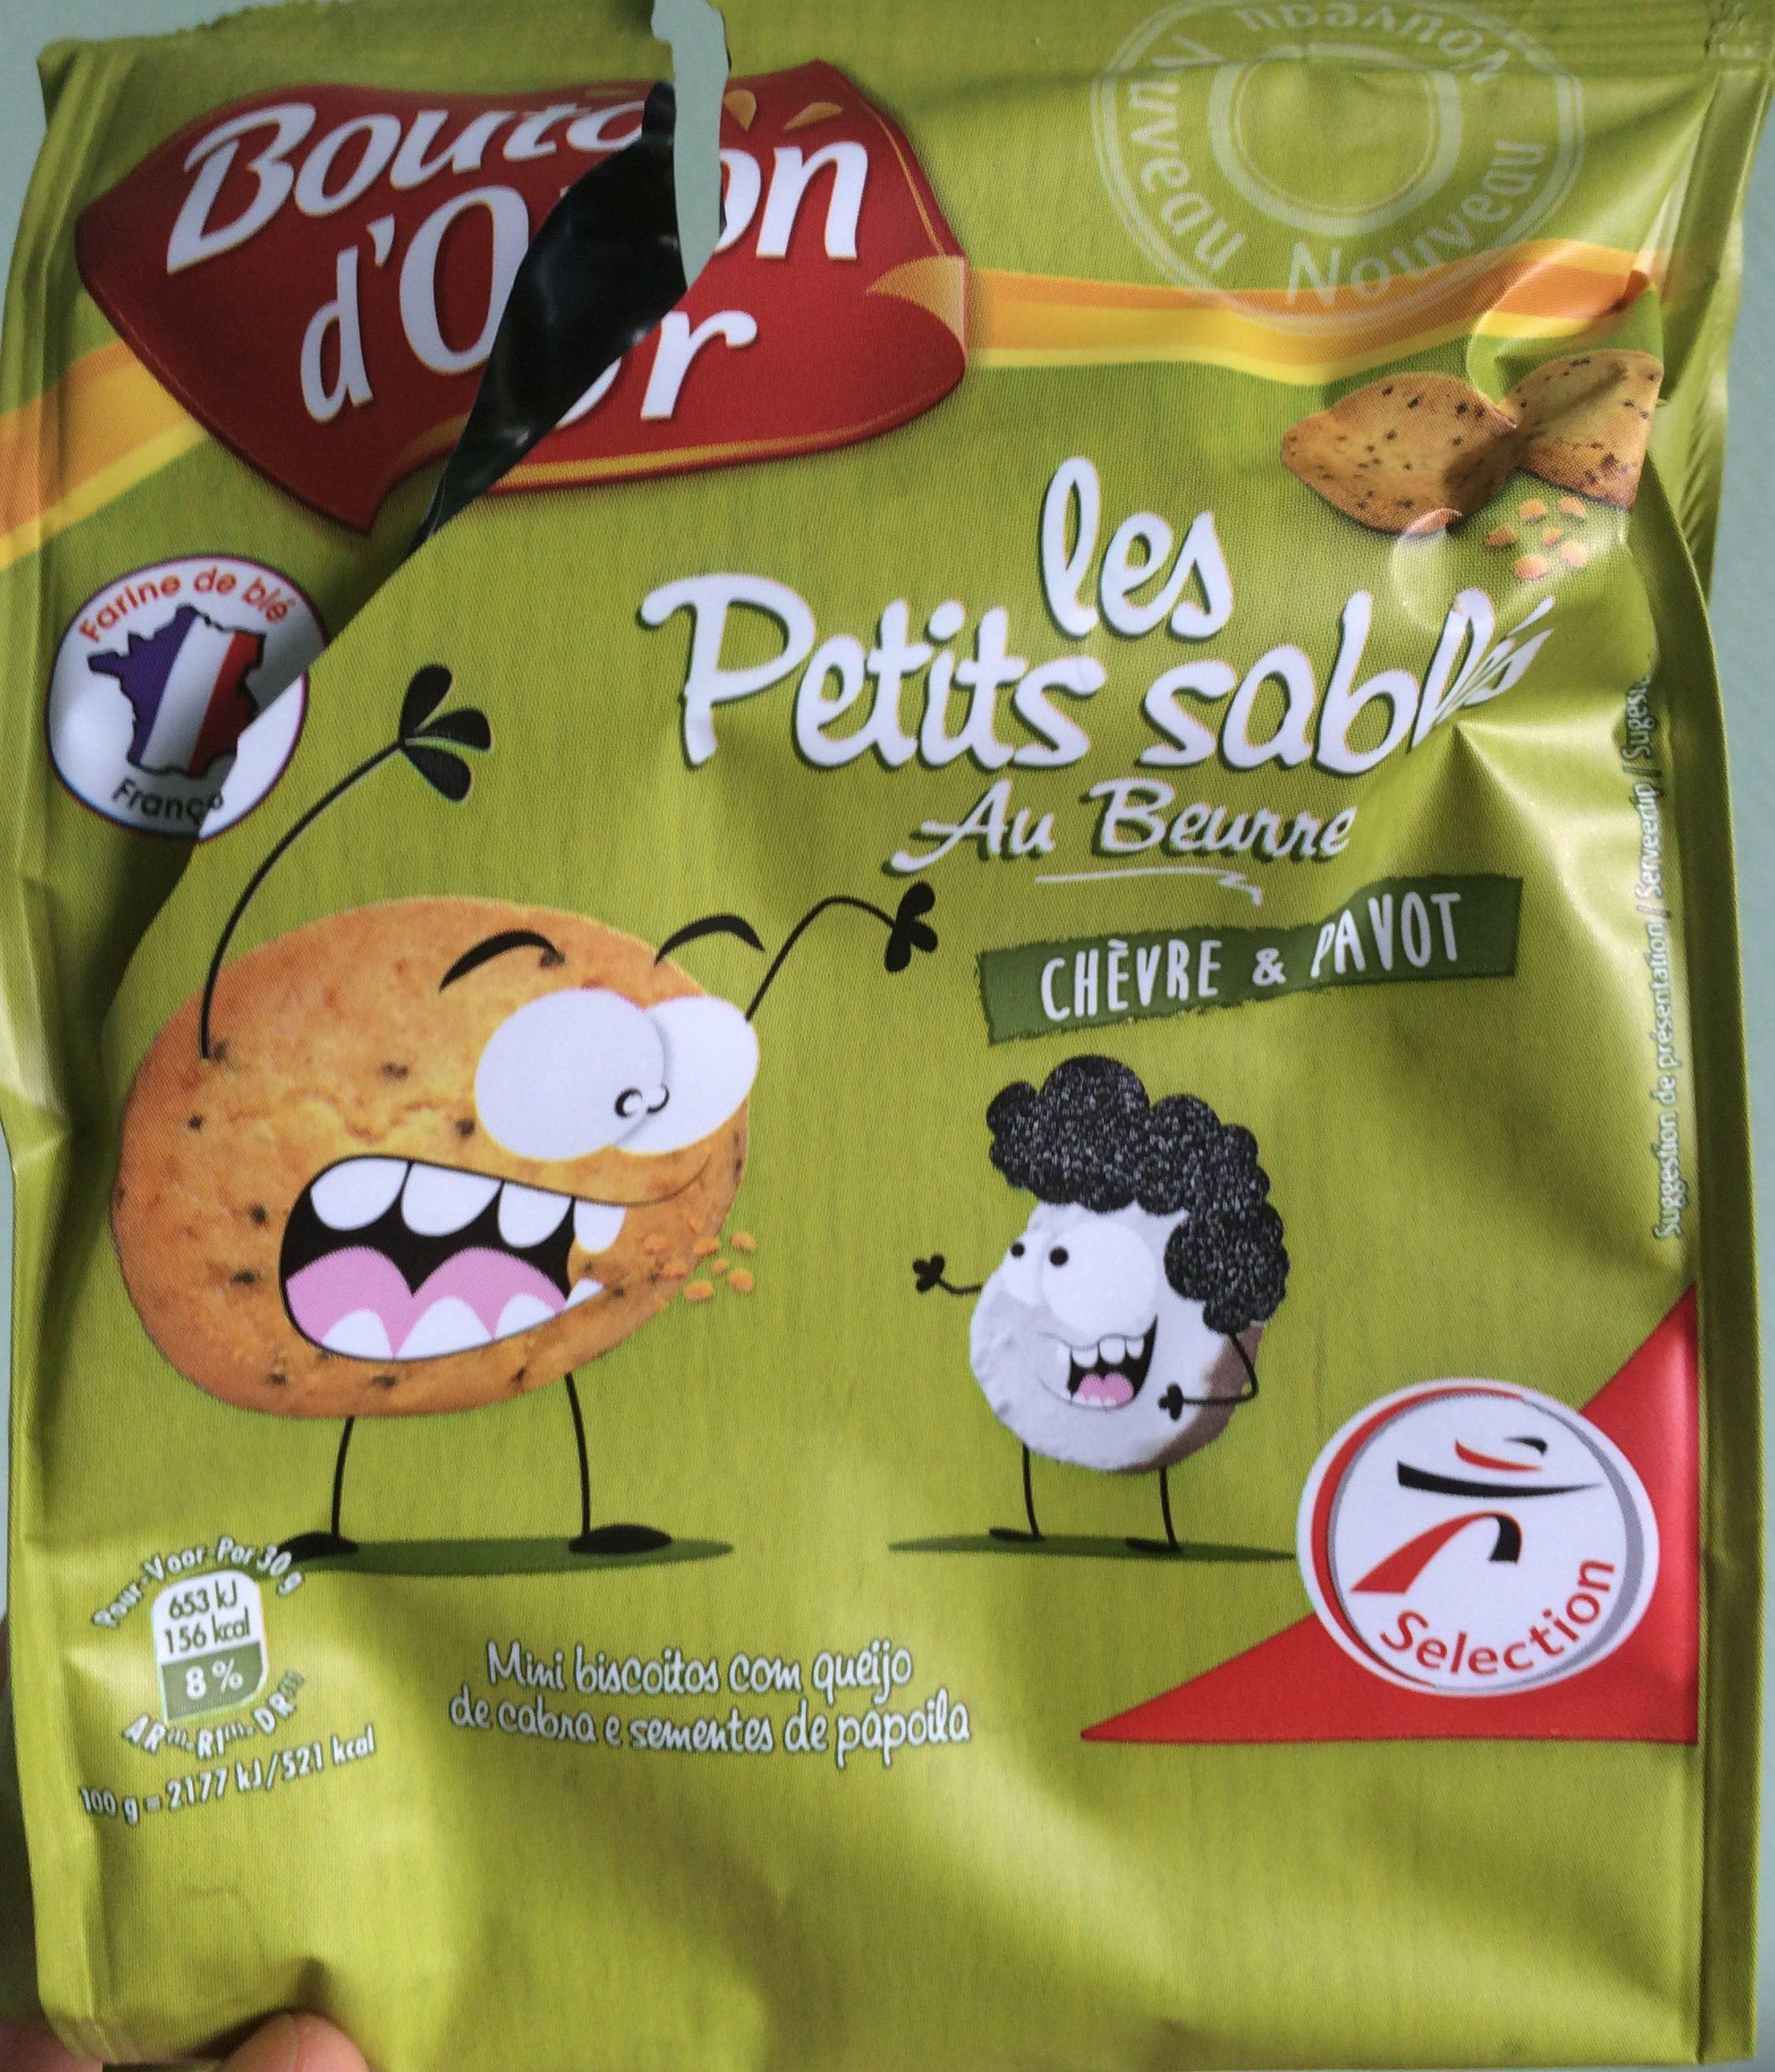 Les petits sablés au beurre Chèvre et Pavot - Product - fr